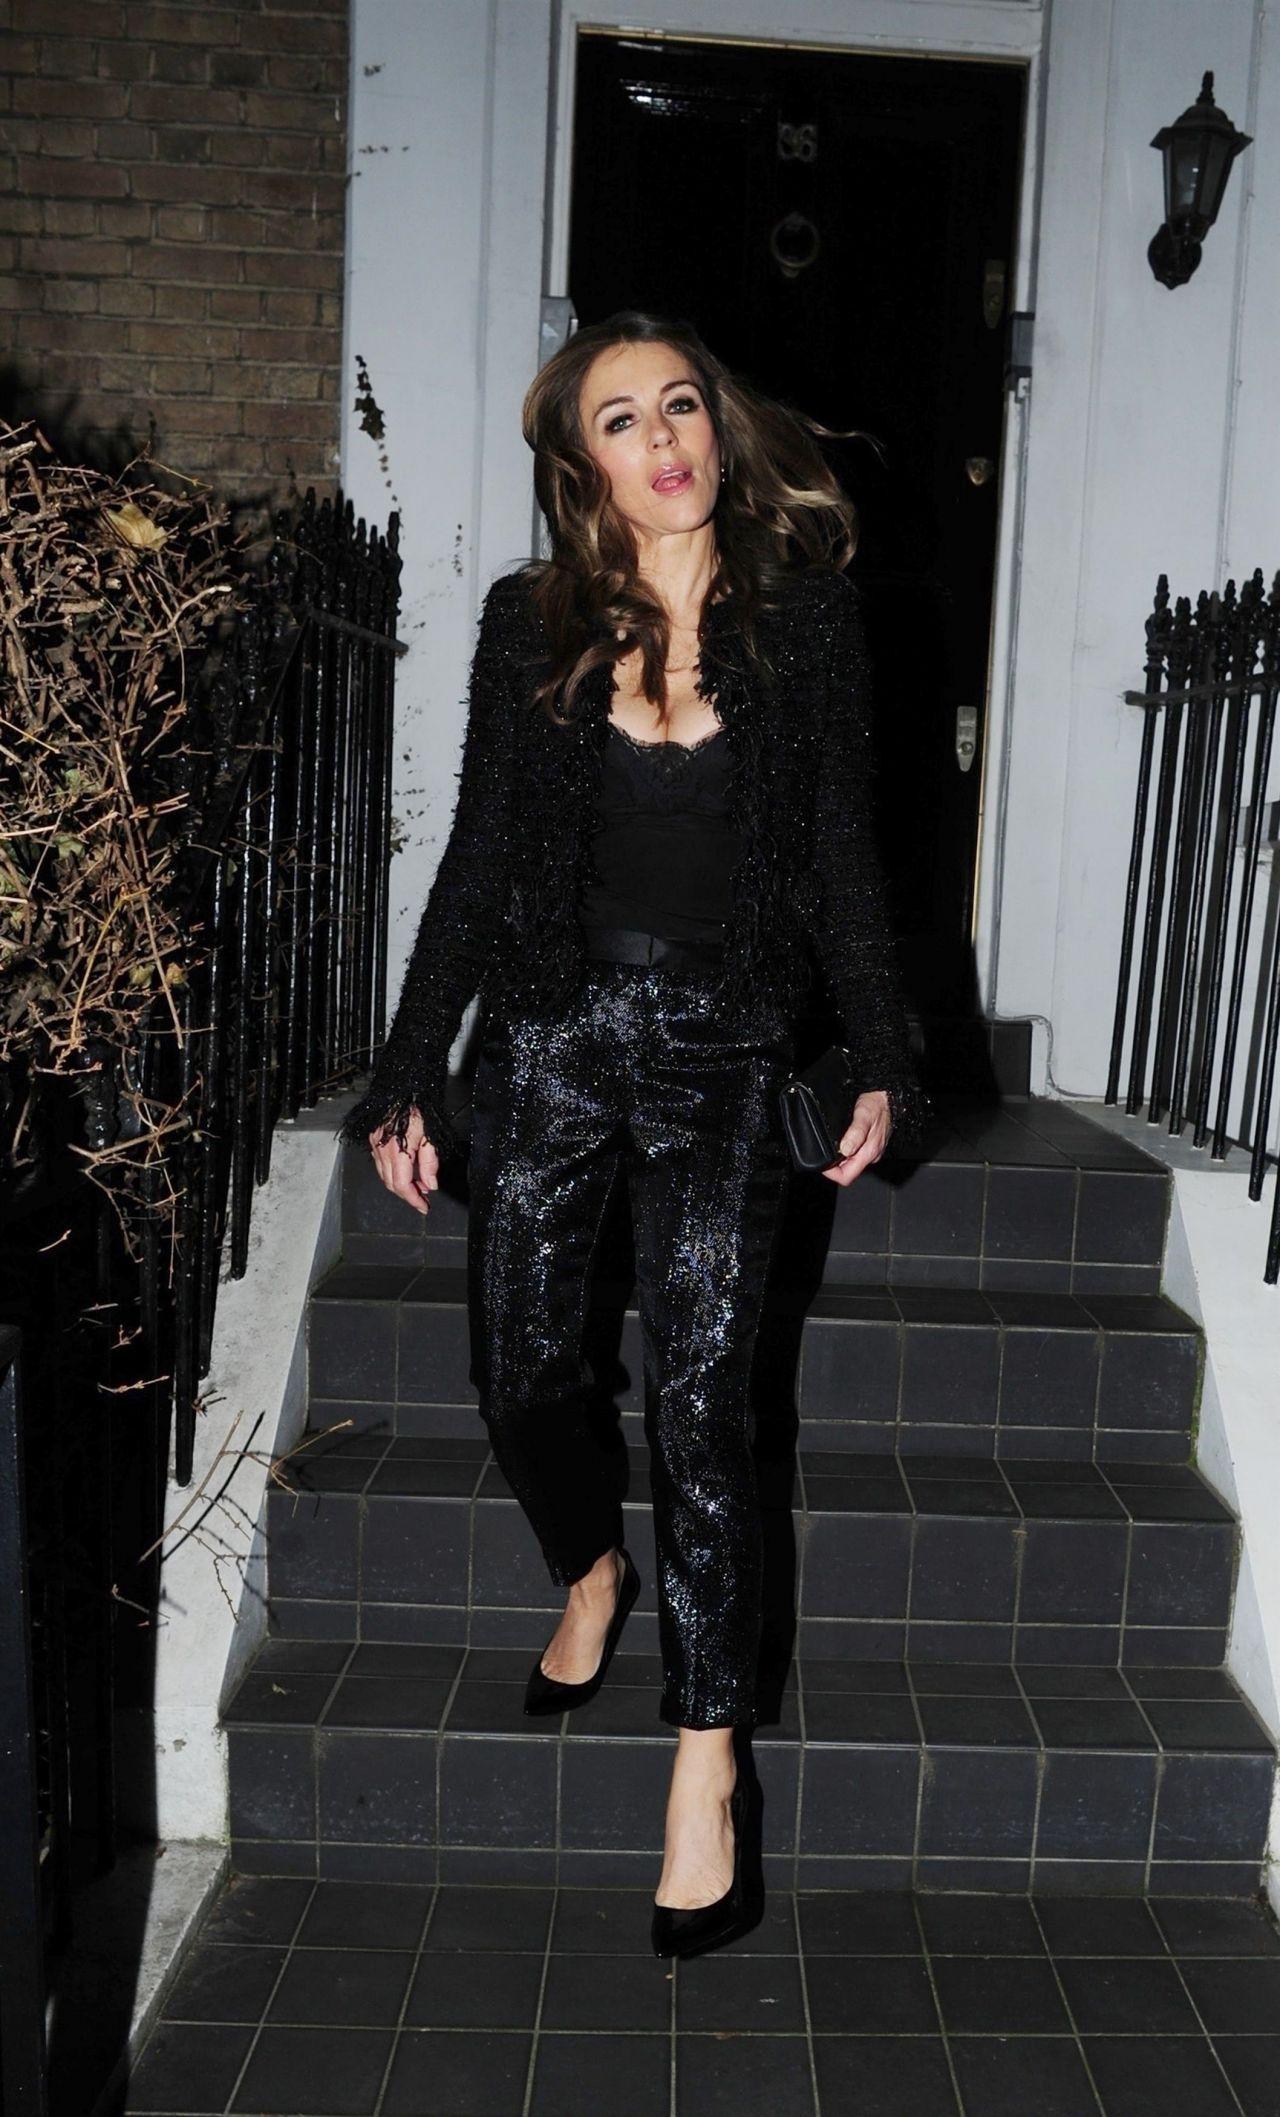 Elizabeth Hurley  Outside Her House in London 02142019